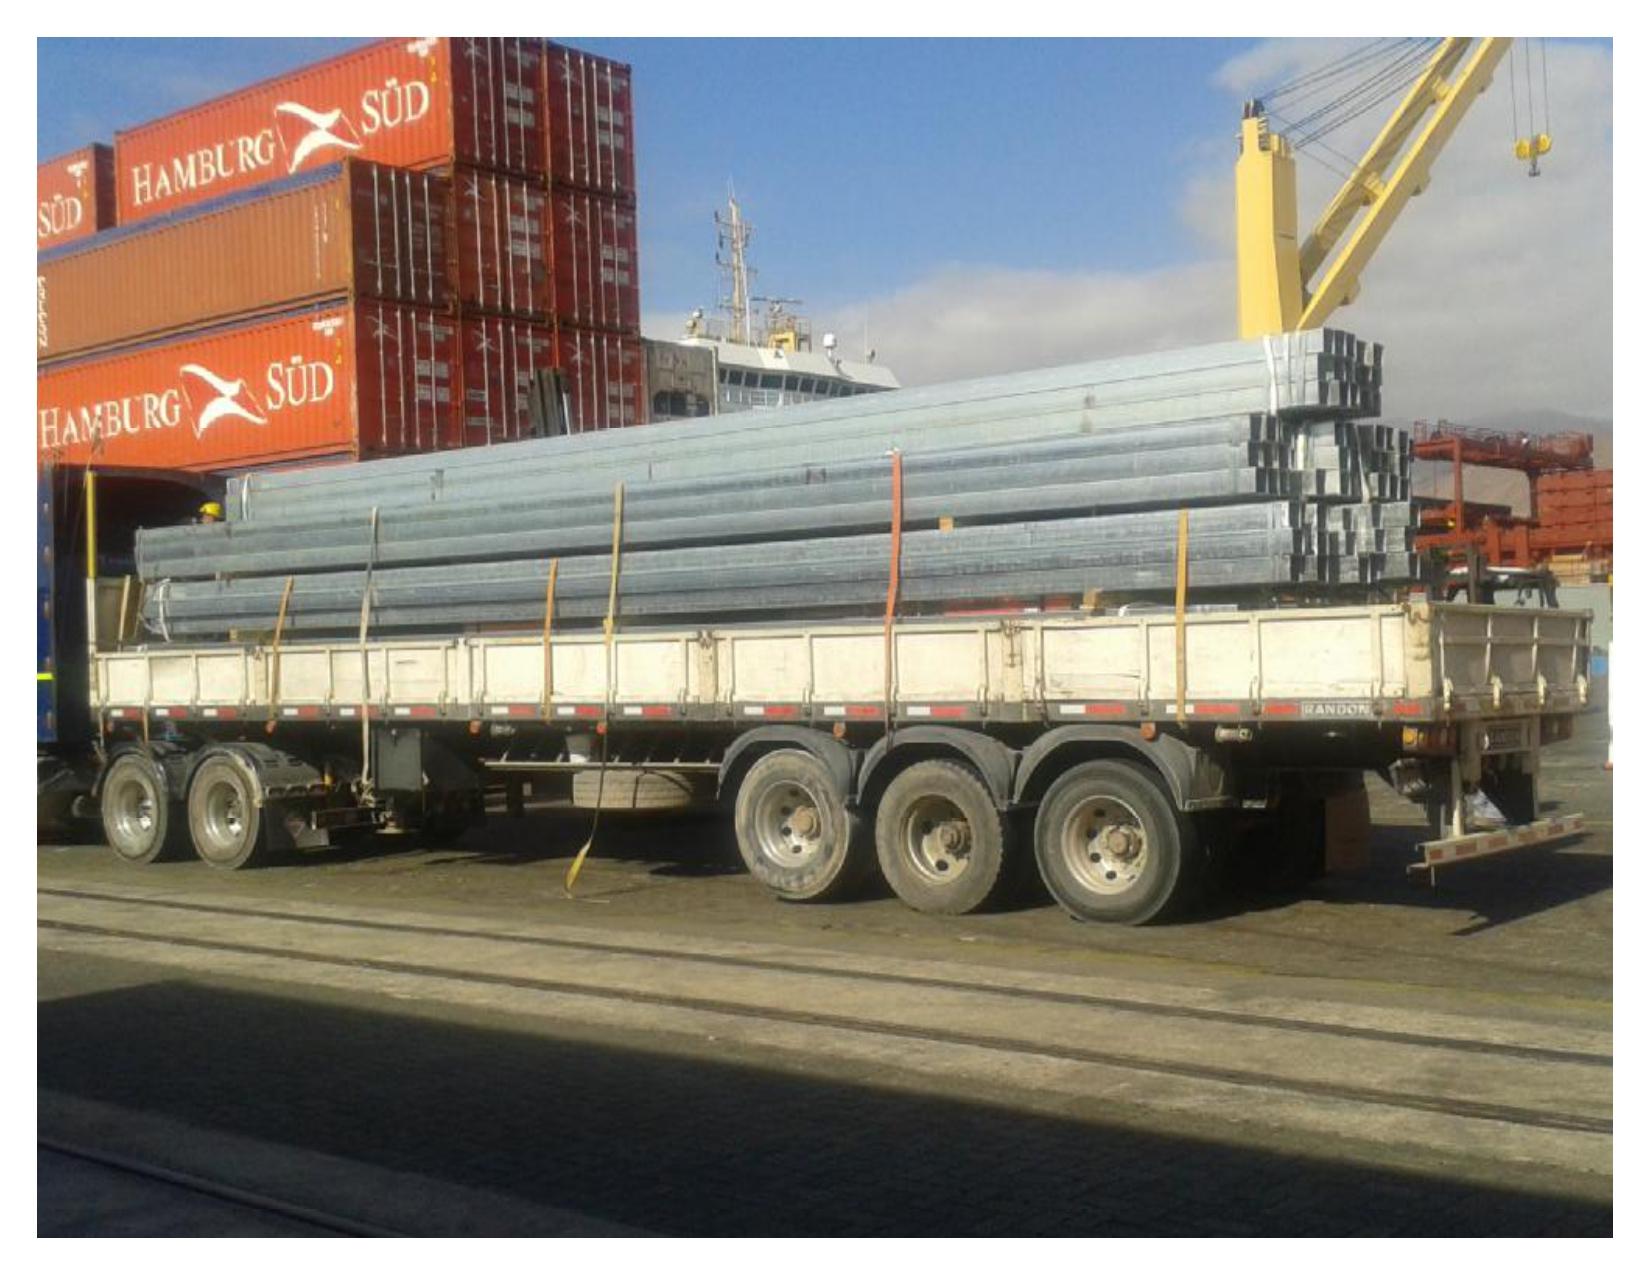 camión de medidas especiales para instalación de campos solares de soltec, transportes realizado por morarte logistics